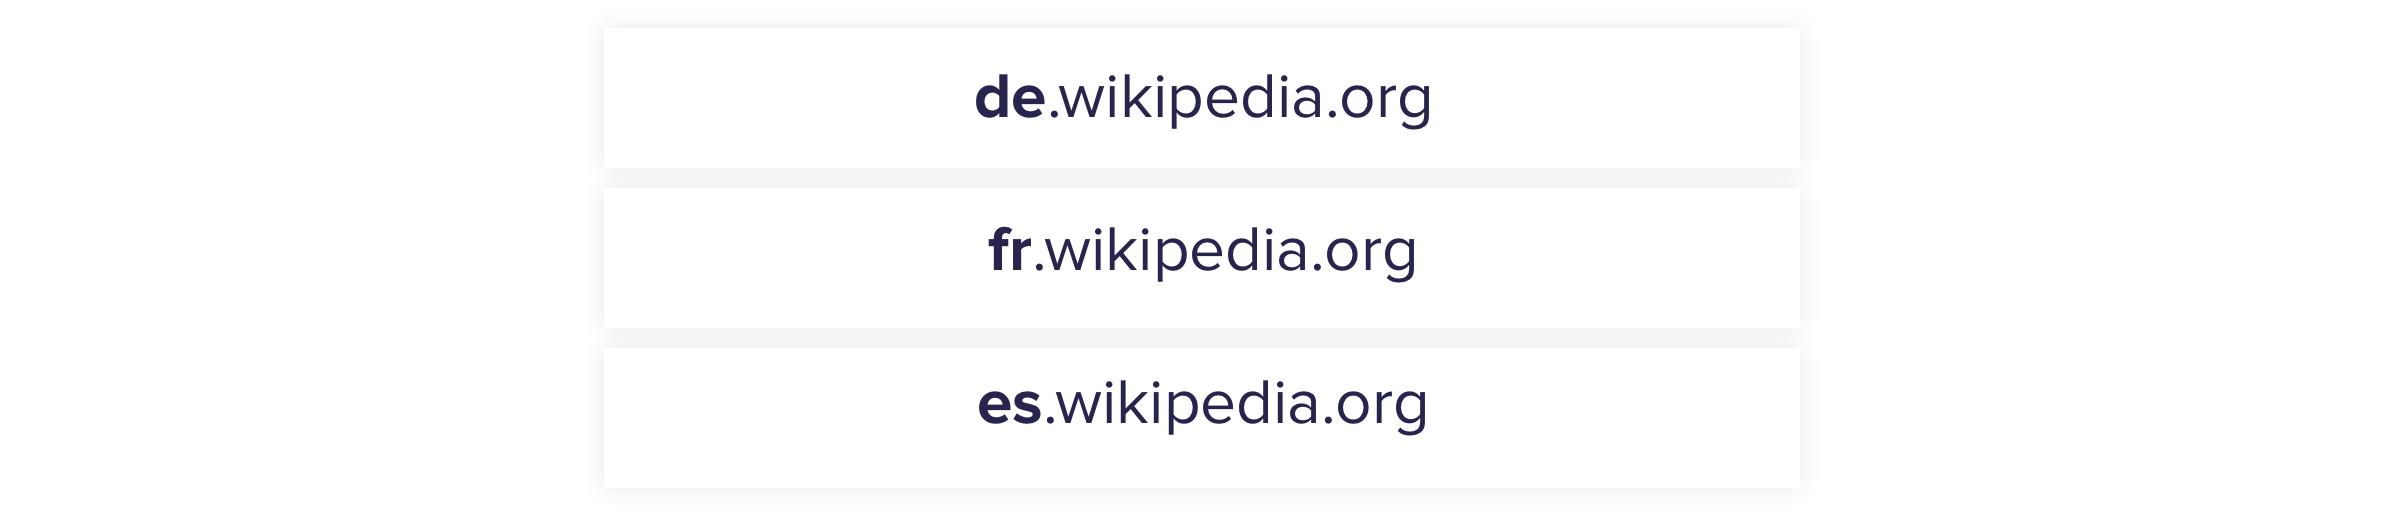 Поддомен сайта: для чего нужен, создание, добавление и удаление субдомена, как найти поддомены что такое поддомен — доменное агентство полного цикла павла гросс